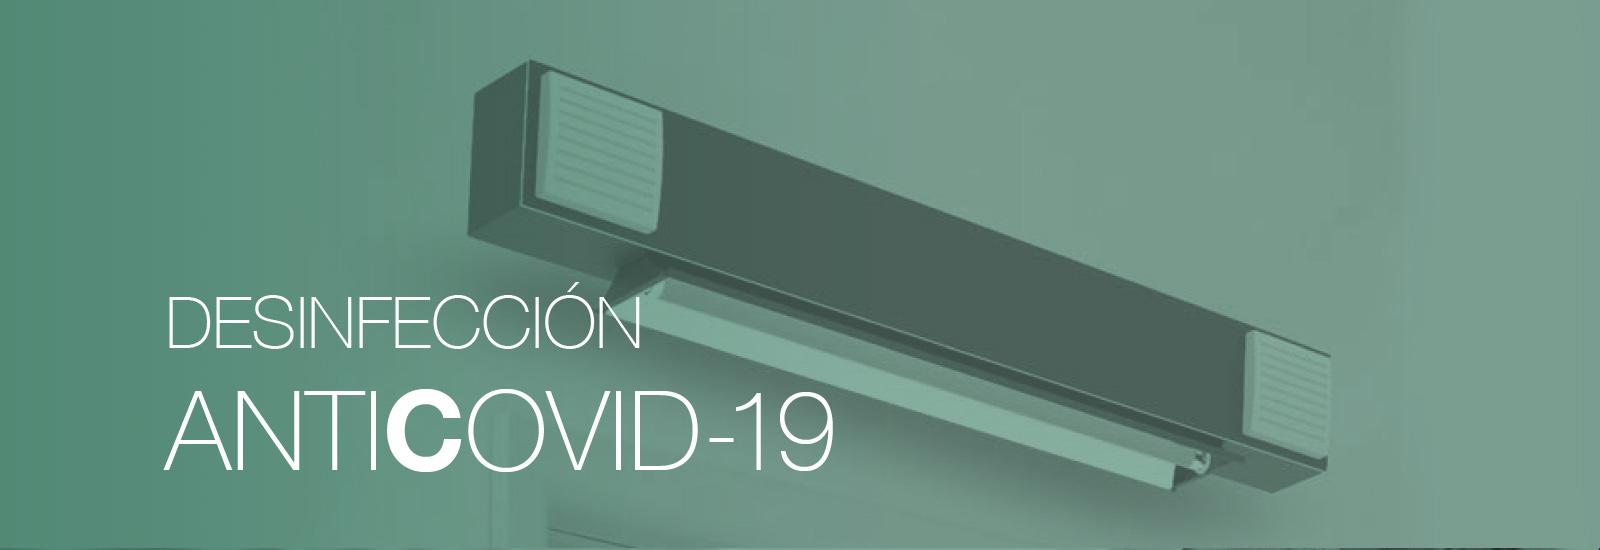 Soluciones tecnológicas desinfección anti Covid-19